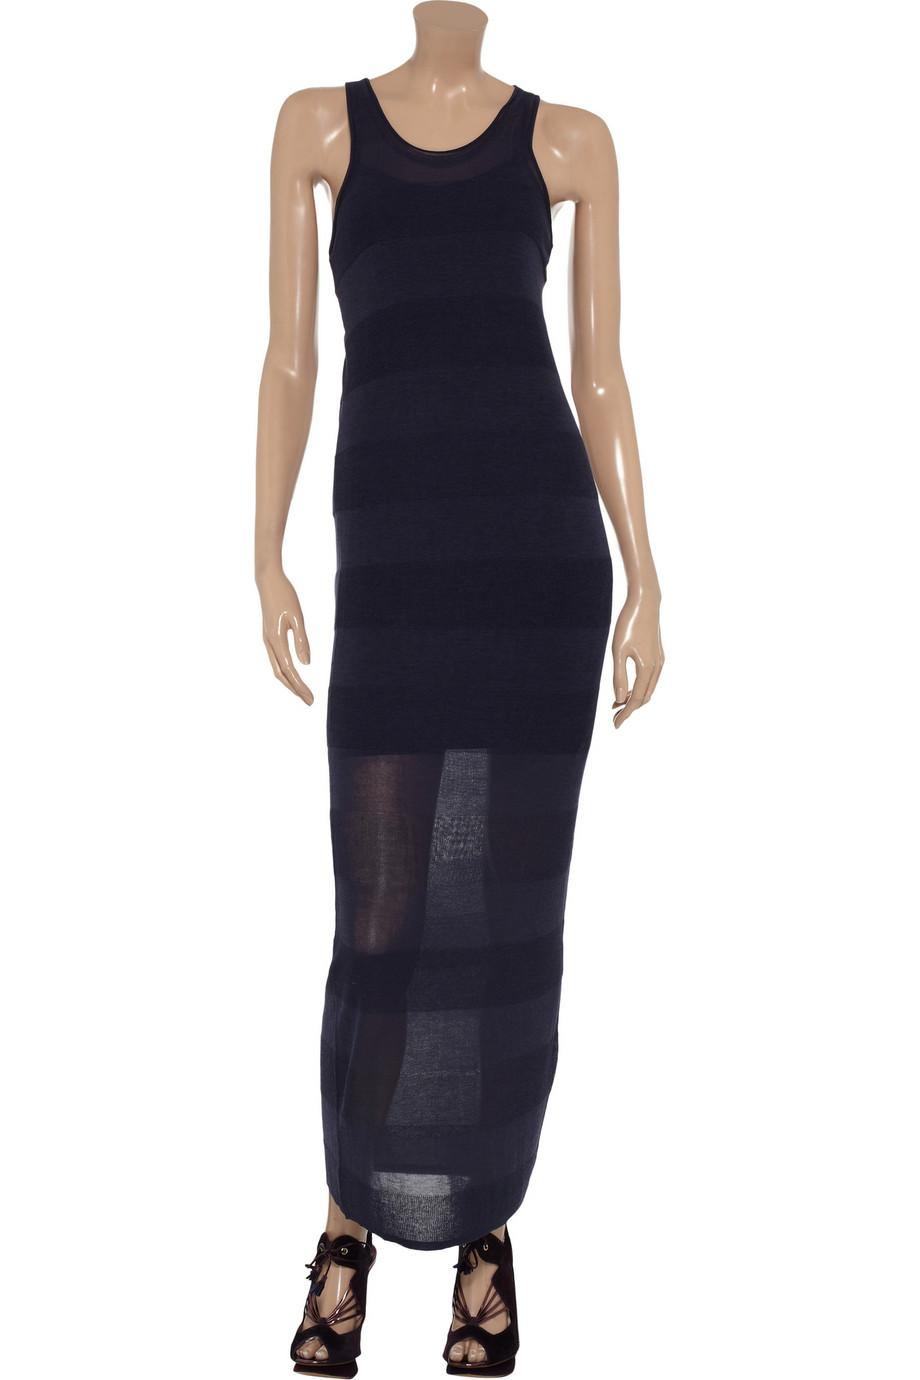 T by alexander wang Striped Fineknit Maxi Dress in Blue - Lyst